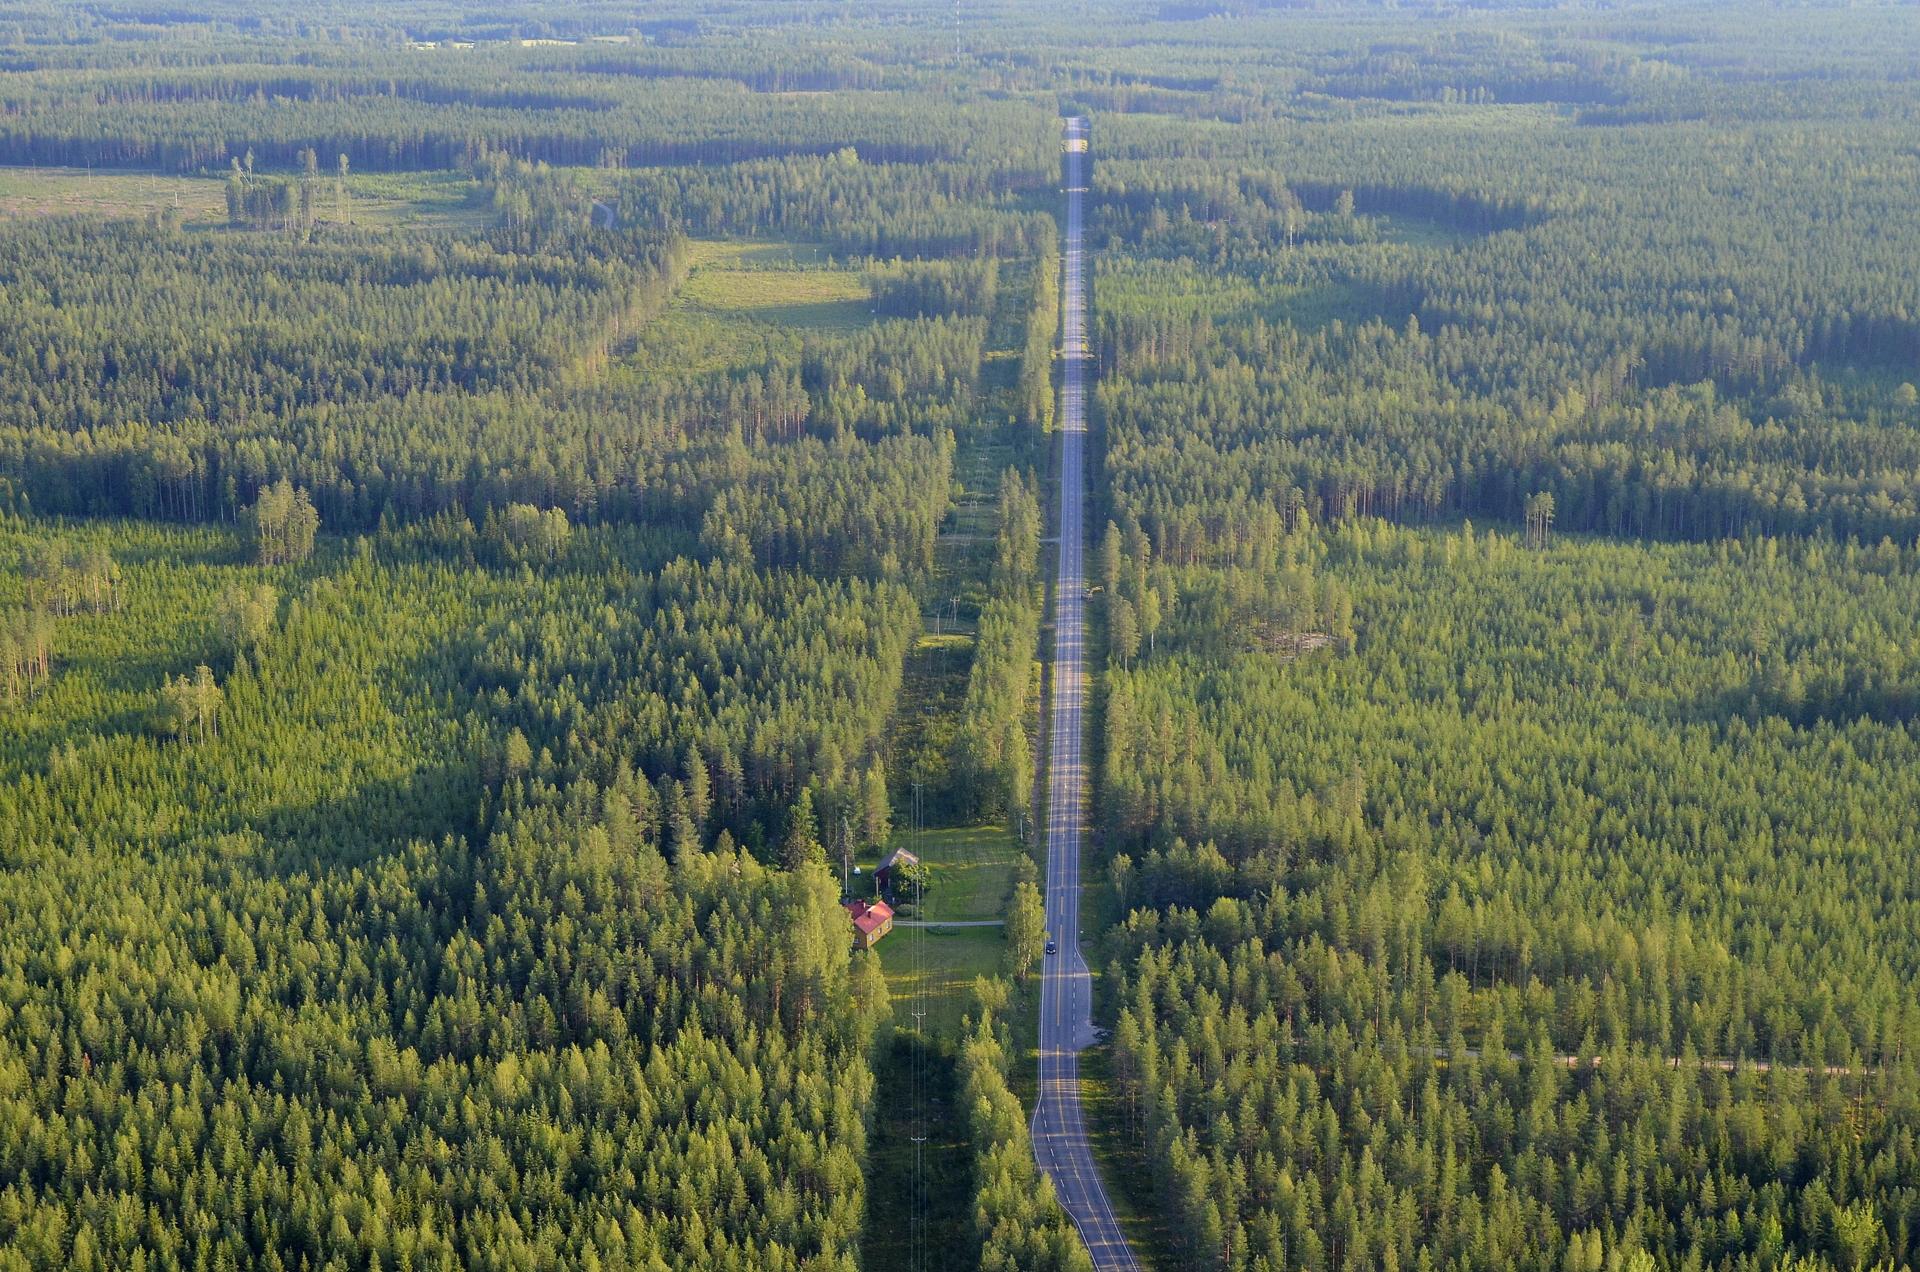 """Oiskohan tämä vaikka """"Surmasuora"""", kun oikealla on Surmamäki. Suoran päässä on Kyyjärvi-Viitasaari tien risteys."""